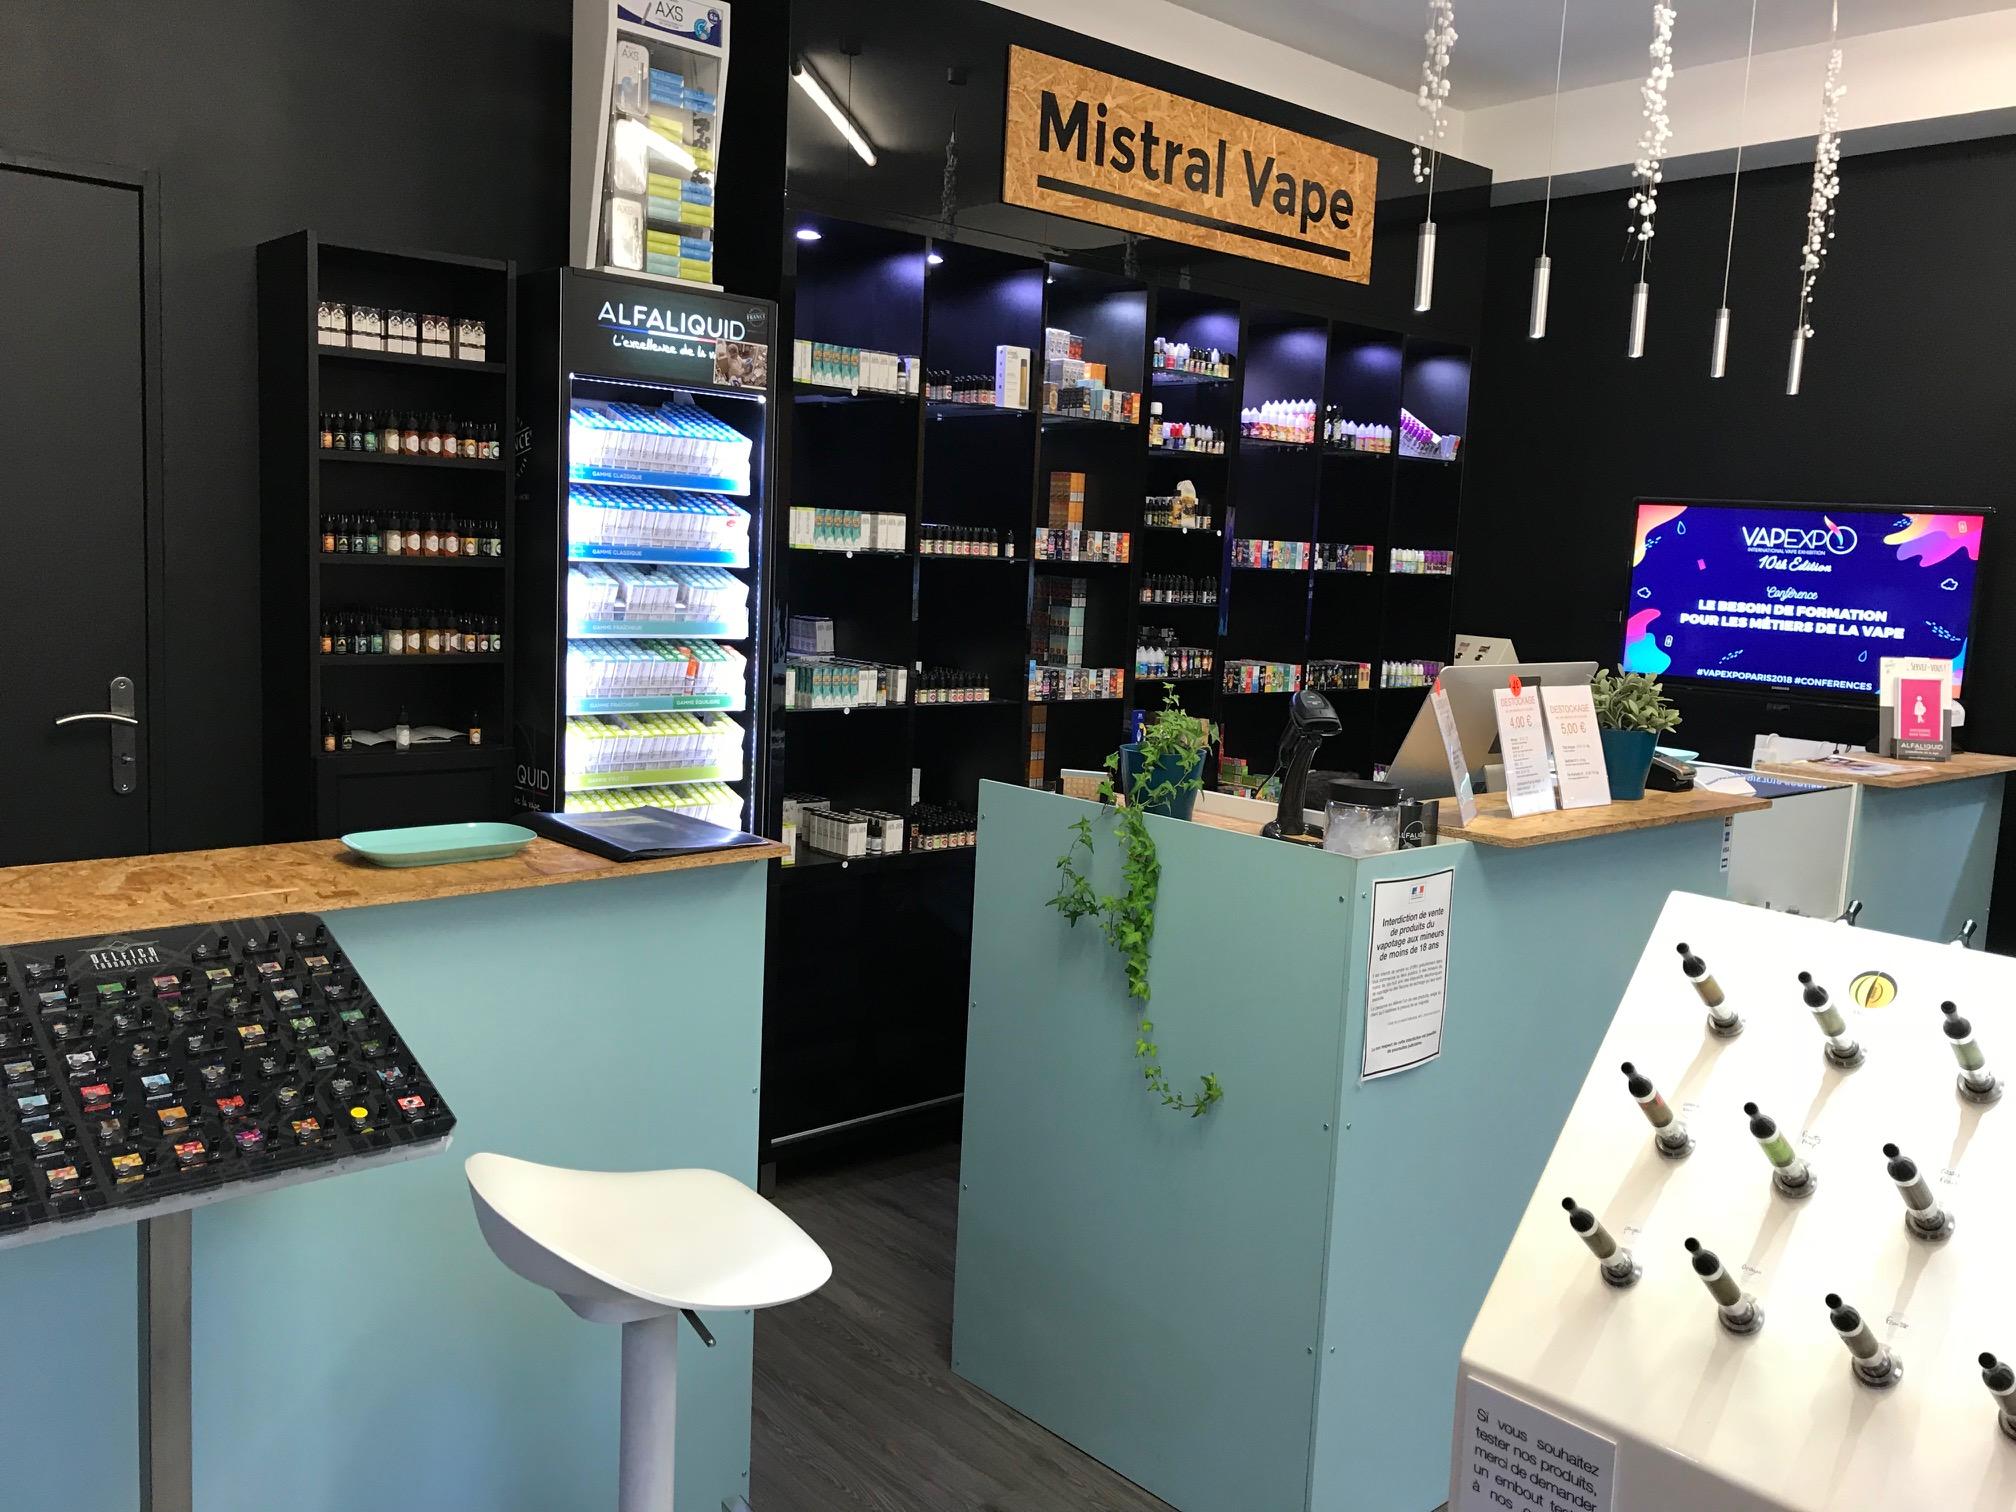 Boutique de vape spécialisée MISTRAL VAPE située à AVIGNON